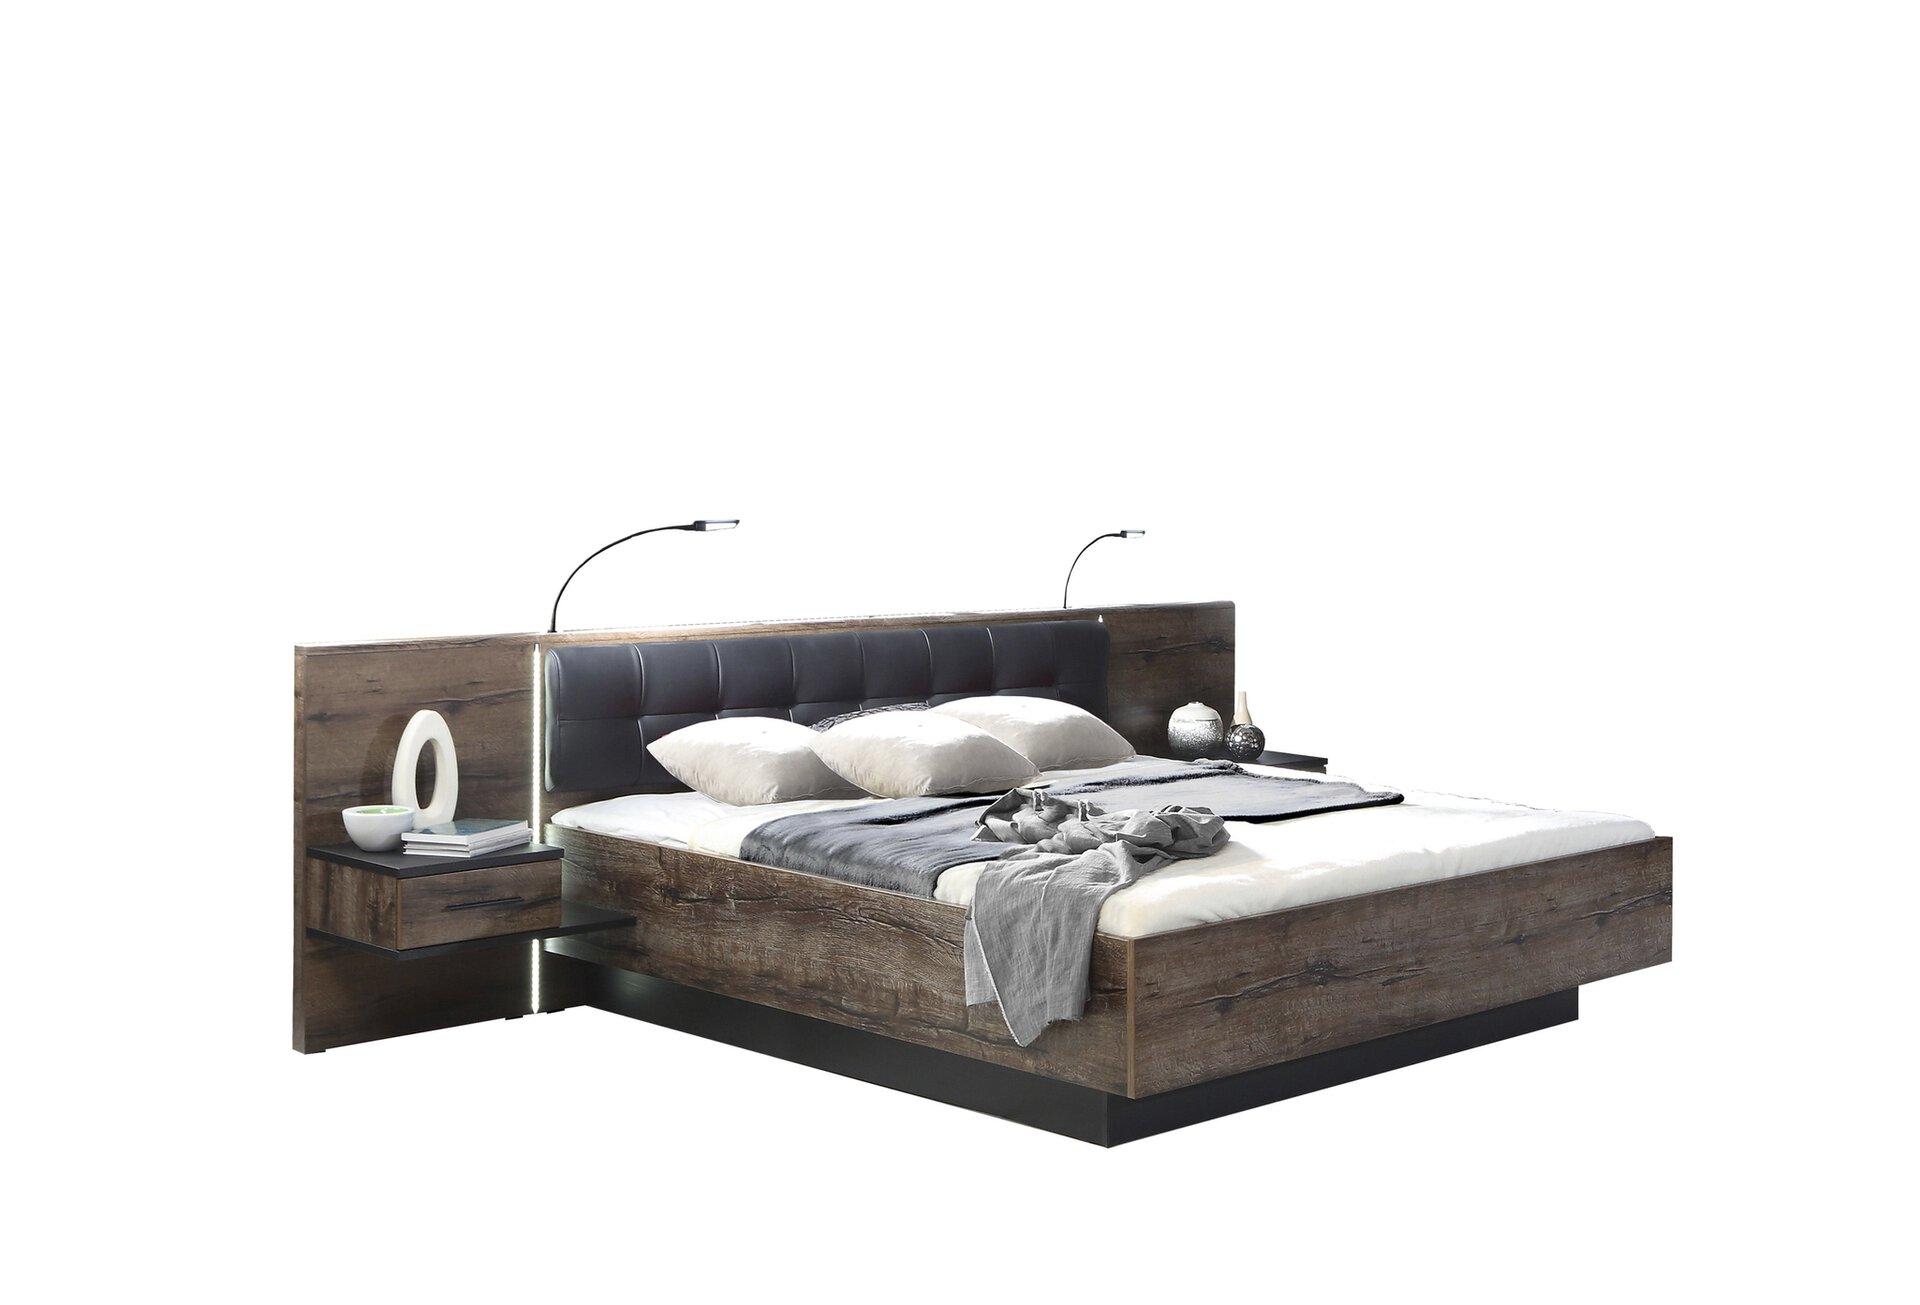 Bettanlage BELLEVUE Dreamoro Holzwerkstoff braun 209 x 97 x 305 cm